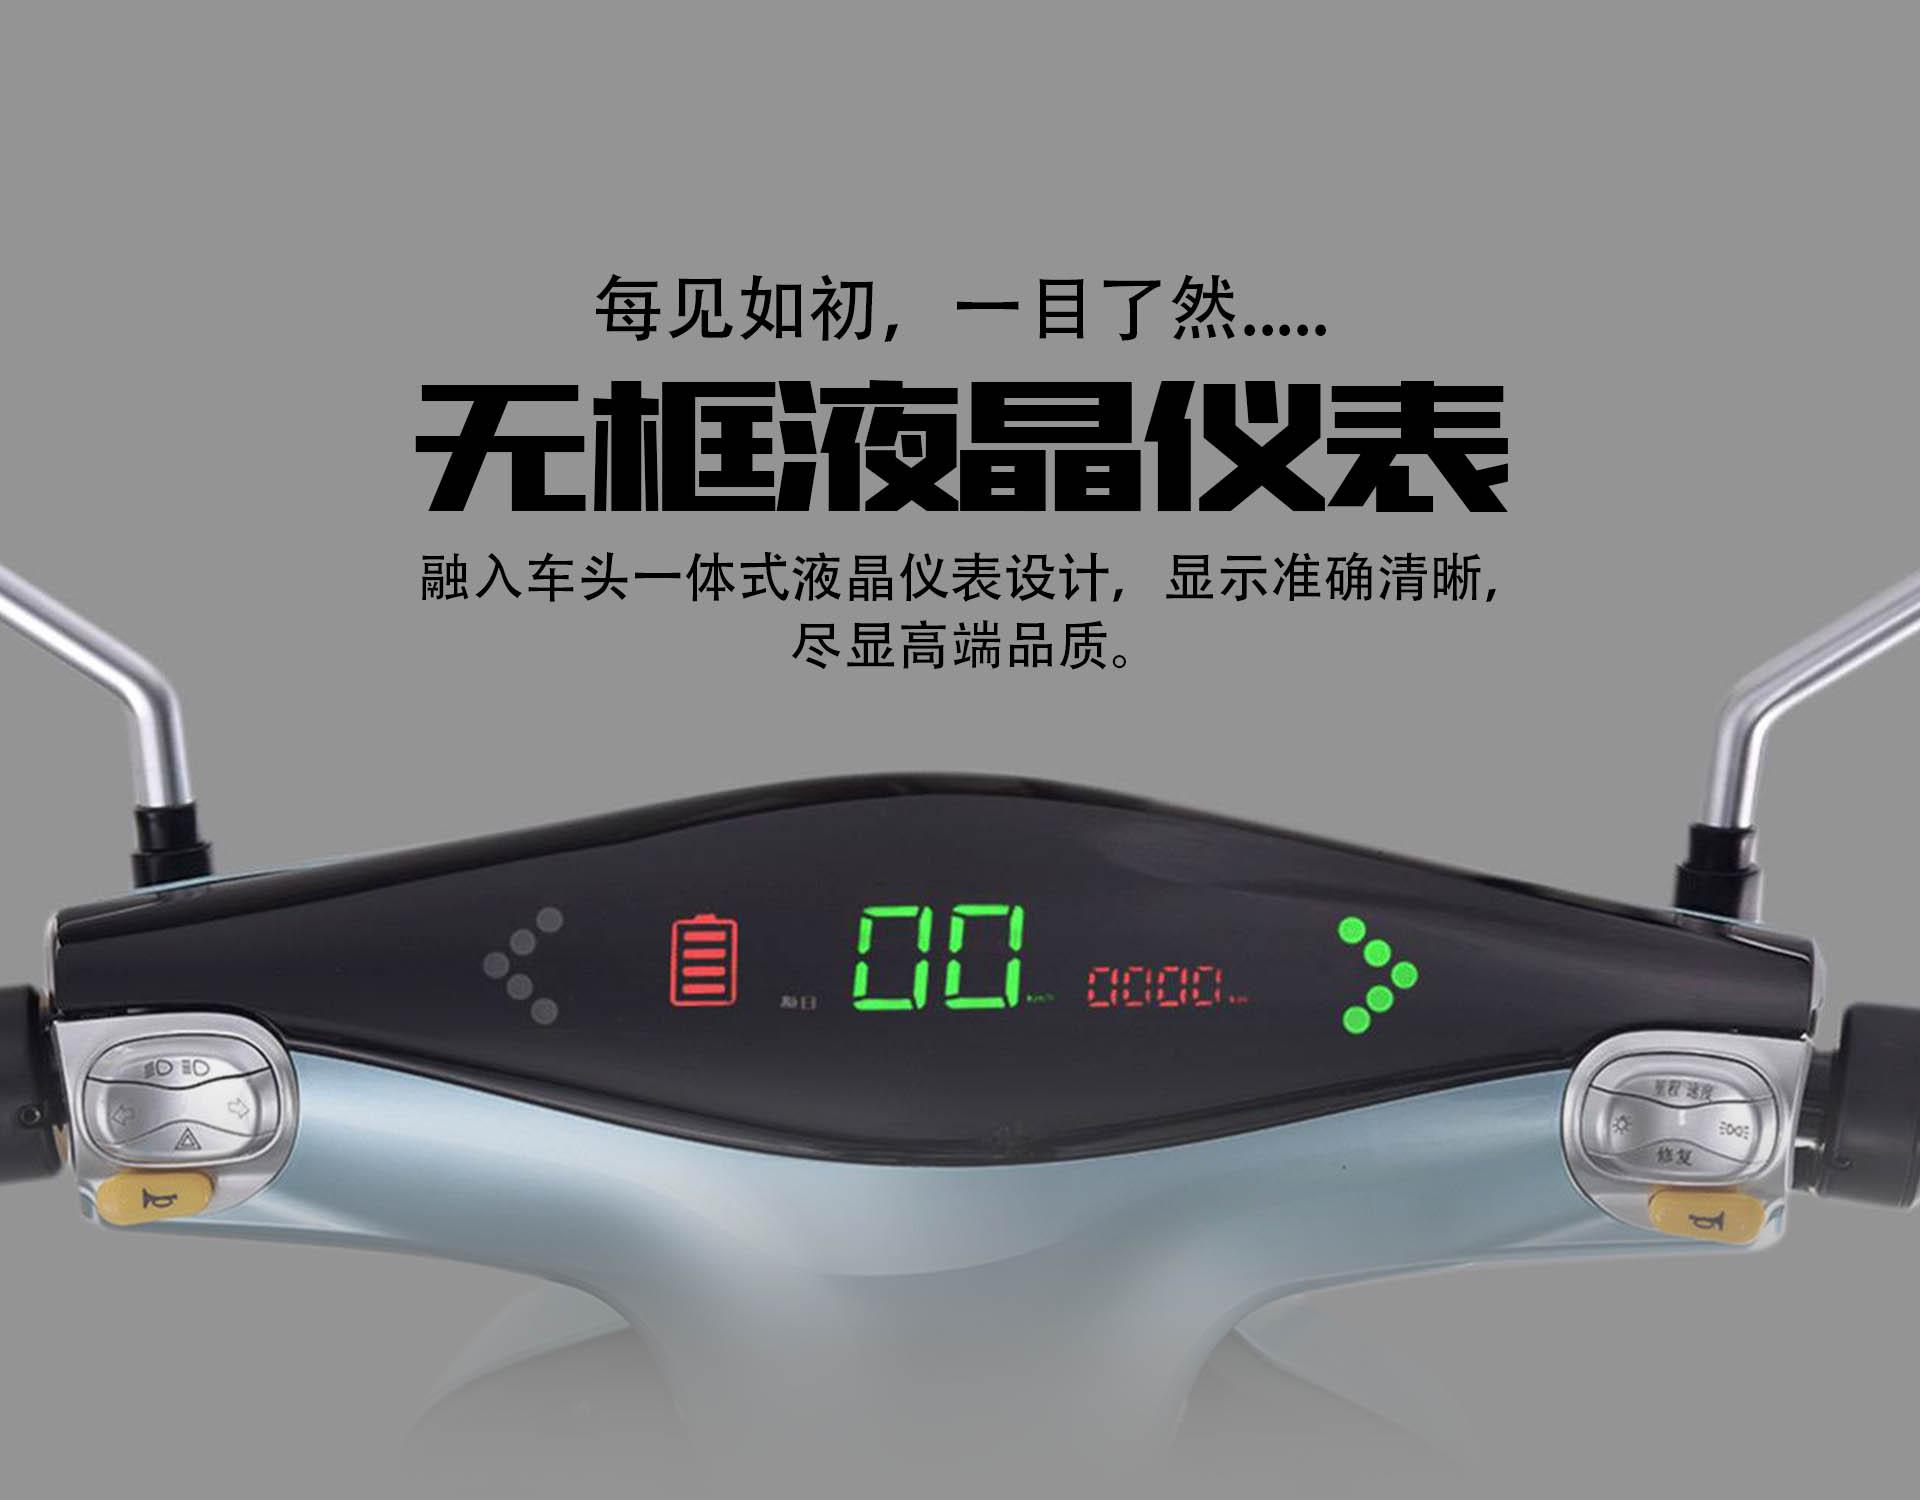 福州杰宝大王电动车多少钱 来电咨询「无锡杰宝大王电动车供应」